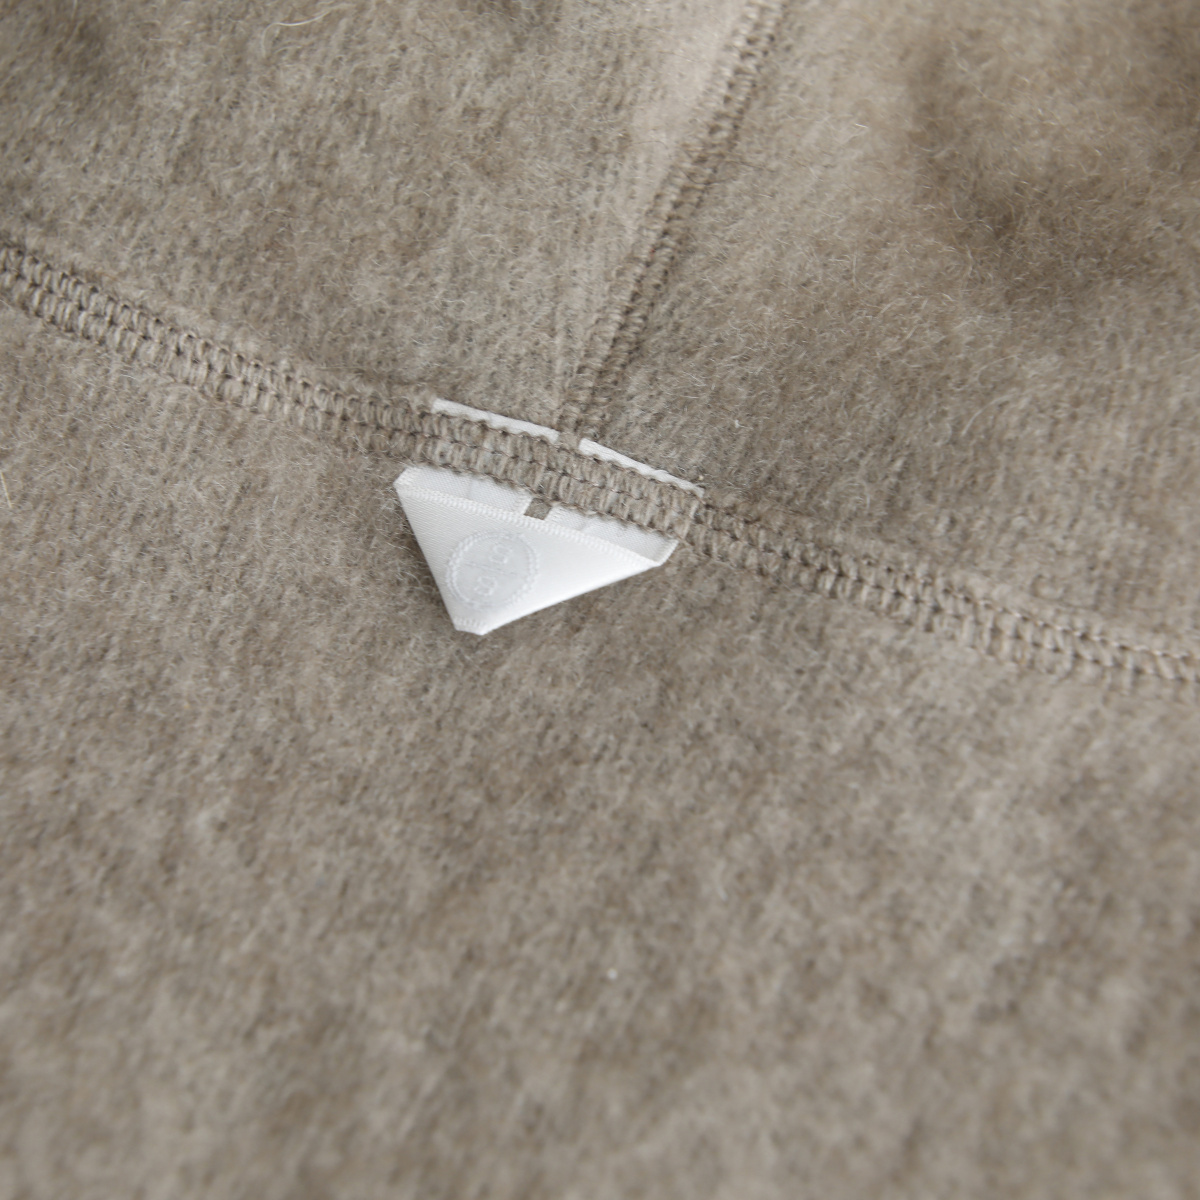 インディゴ エィエム――毛皮の頂点セーブルが、カシミアとの融合を果たす。